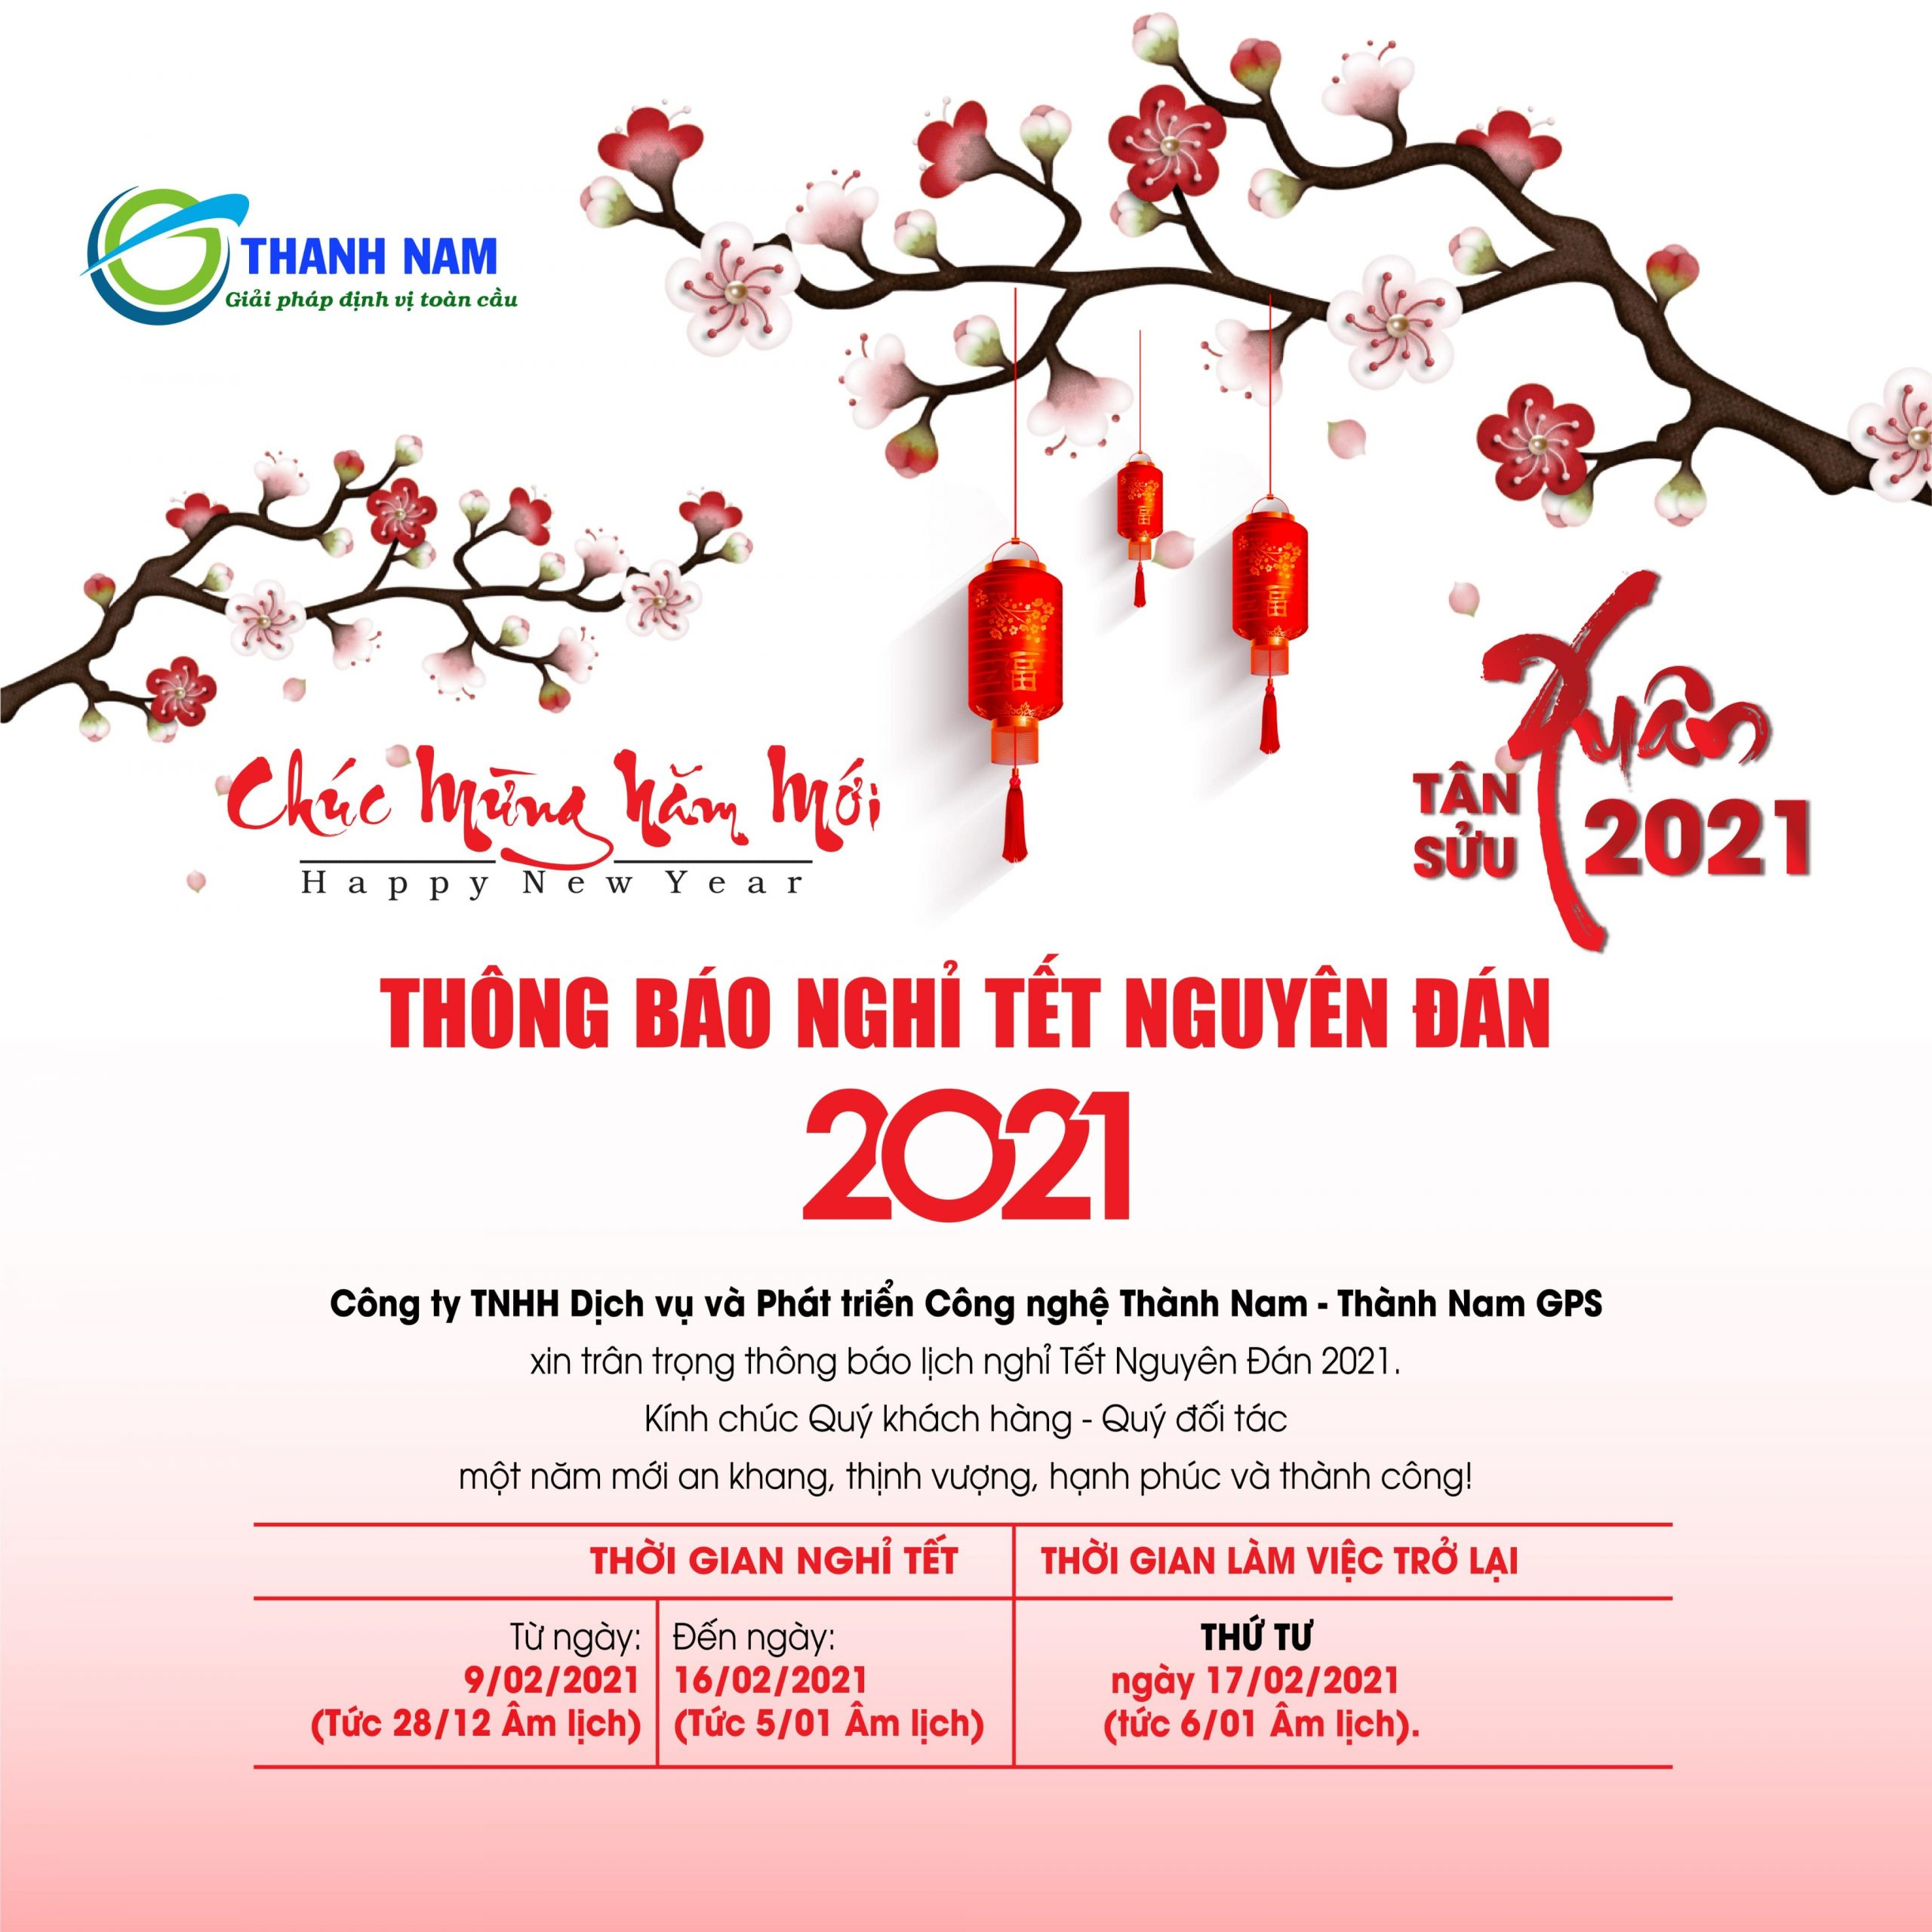 thành nam gps thông báo lịch nghỉ tết nguyên đán tân sửu 2021